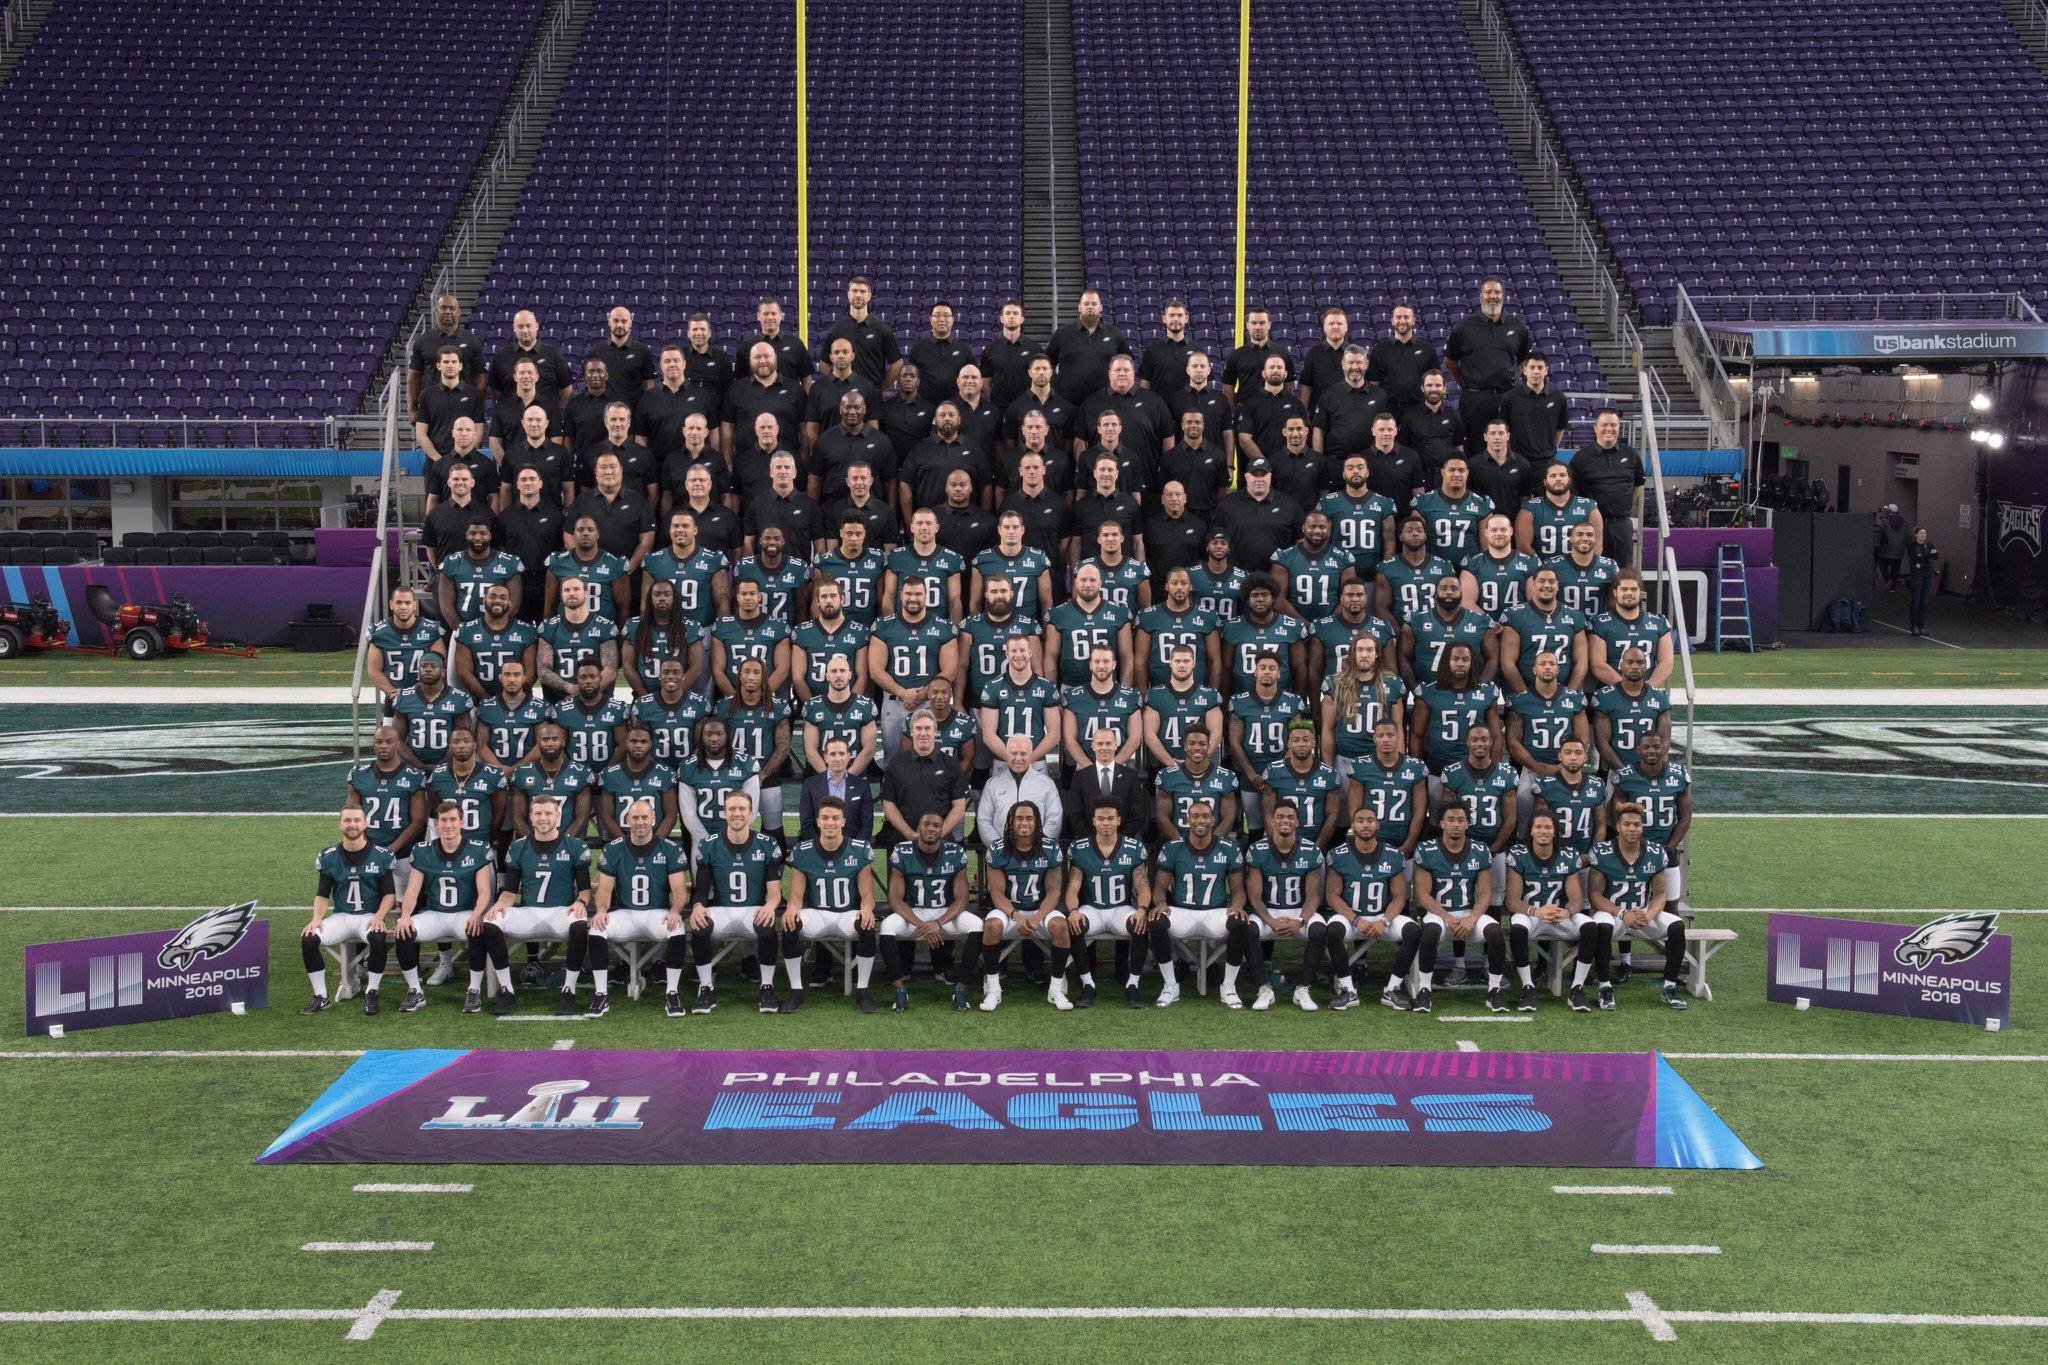 Philadelphia Eagles Team of 2017-2018